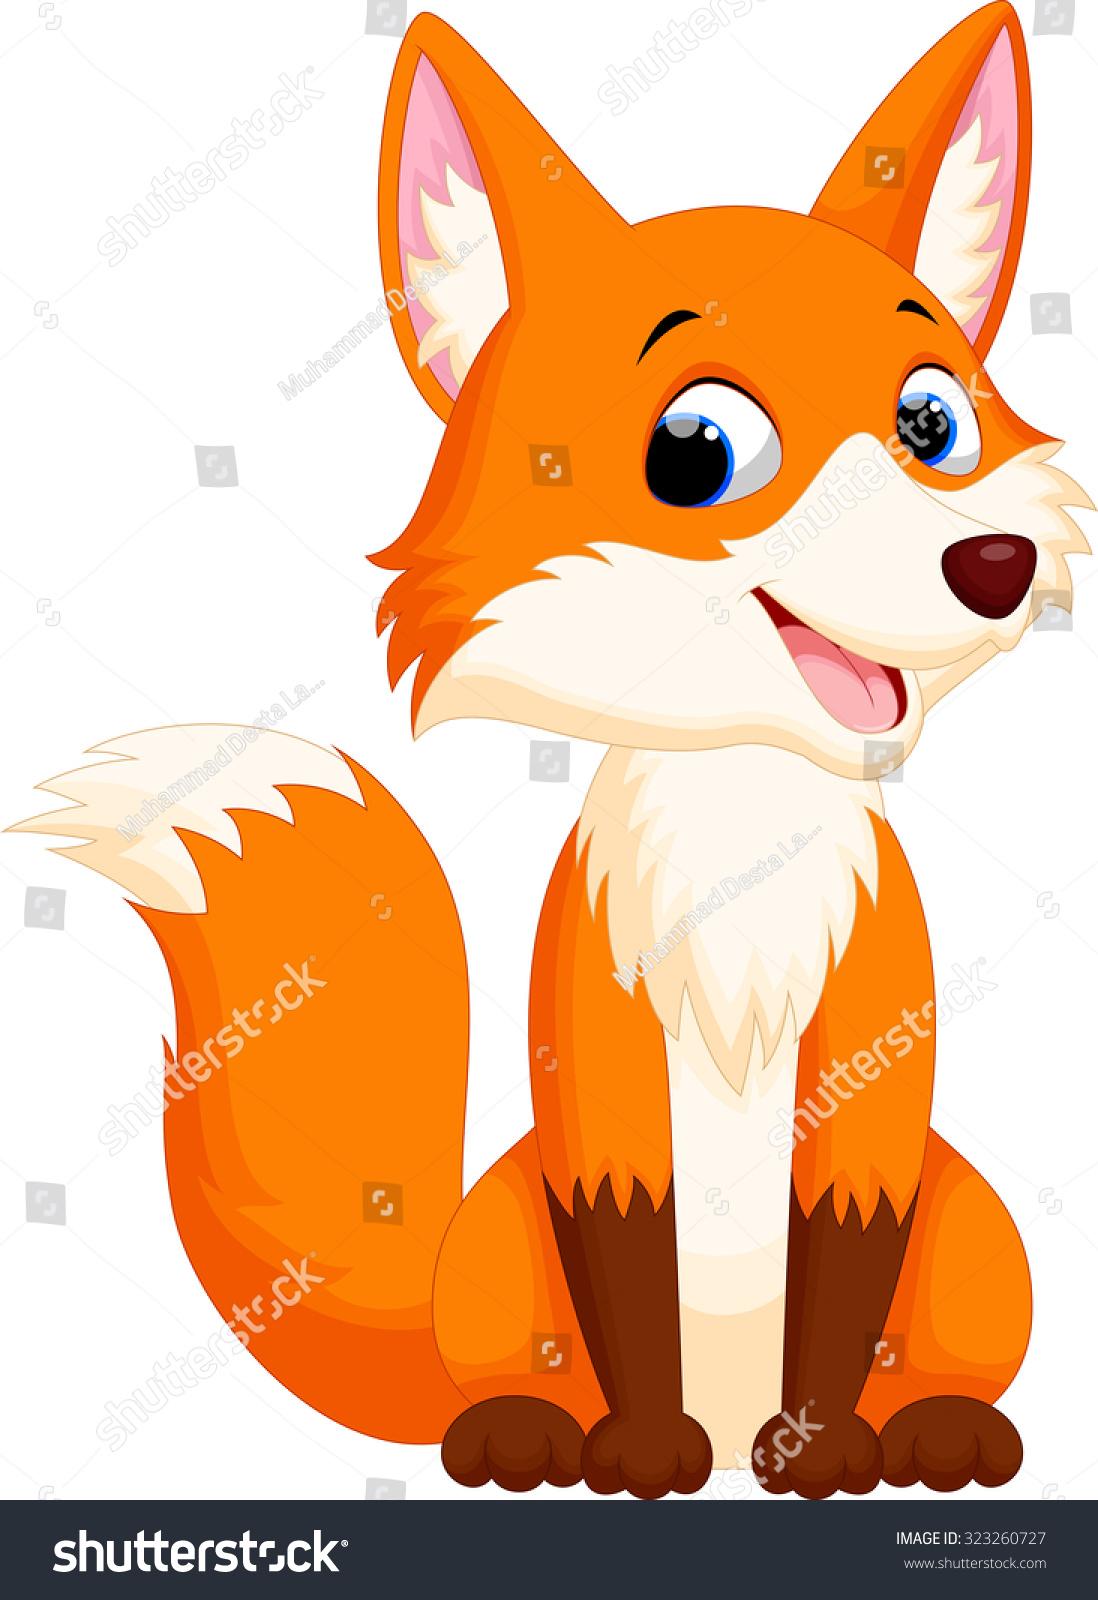 Cute cartoon fox face - photo#10